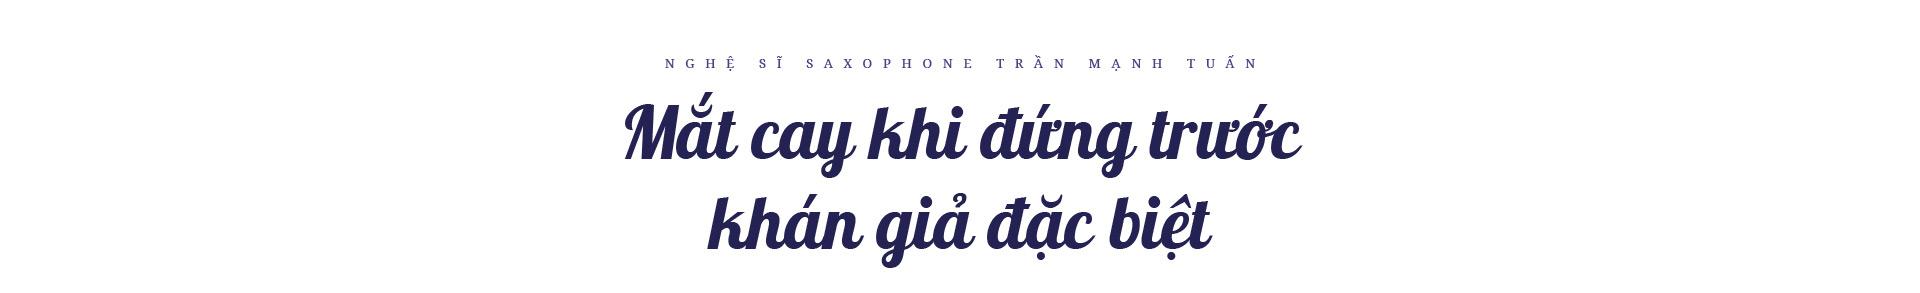 """Nghệ sĩ saxophone Trần Mạnh Tuấn: """"Diễn giữa không gian bệnh viện dã chiến là điều đặc biệt nhất trong đời"""" - Ảnh 3."""